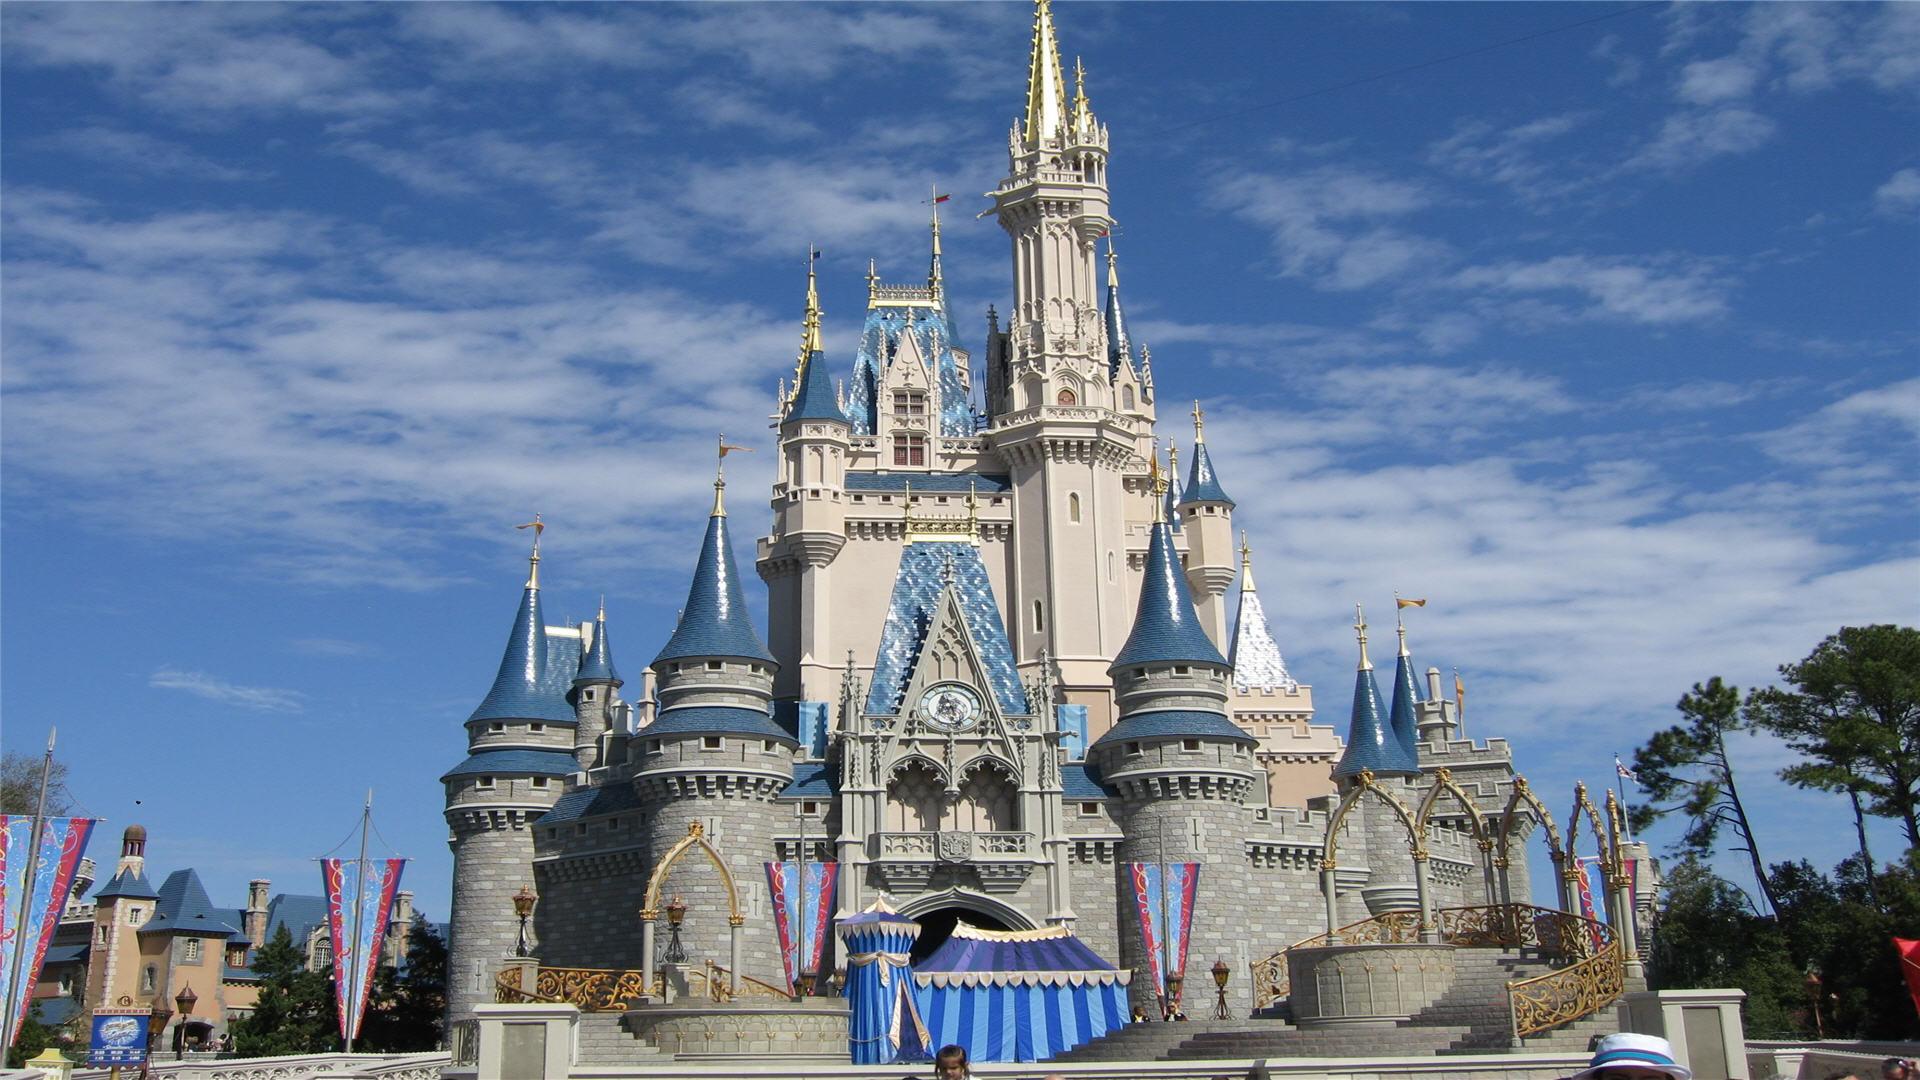 Cinderella Castle Pics Wallpaper